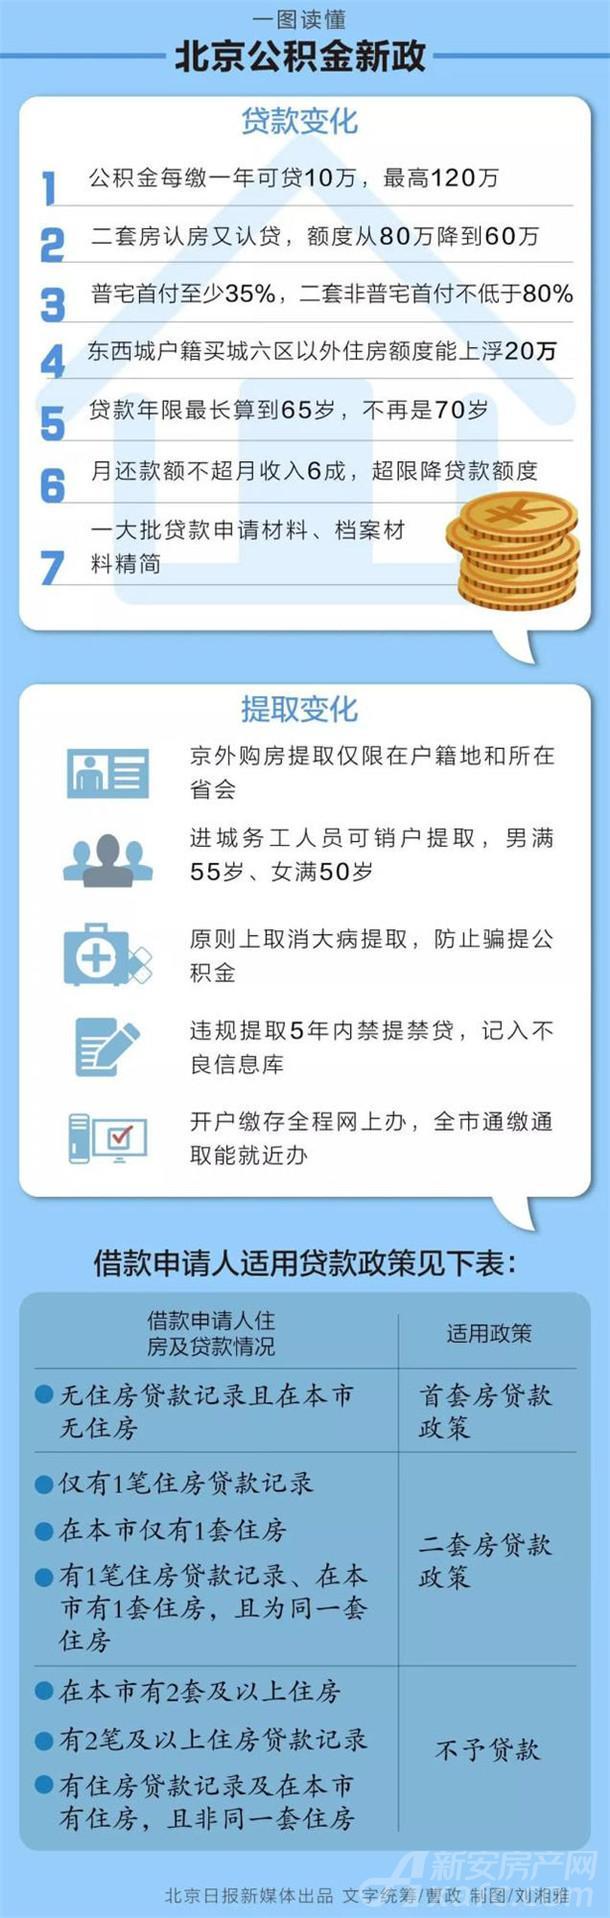 北京公积金新政